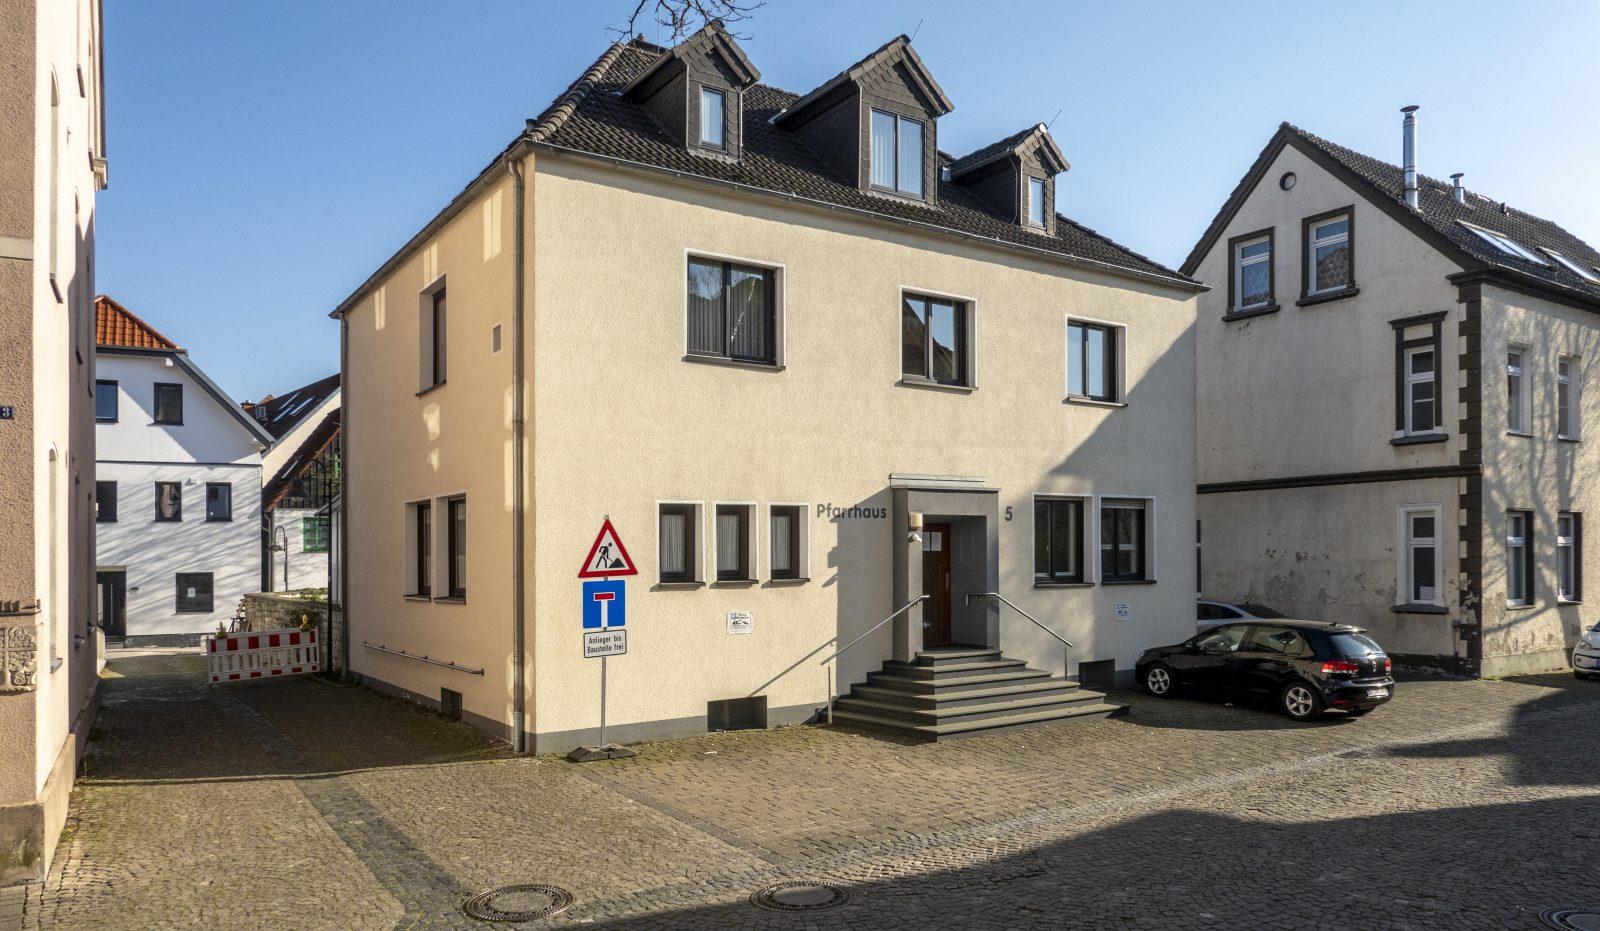 Ehemaliges Pfarrhaus in Schloß Neuhaus